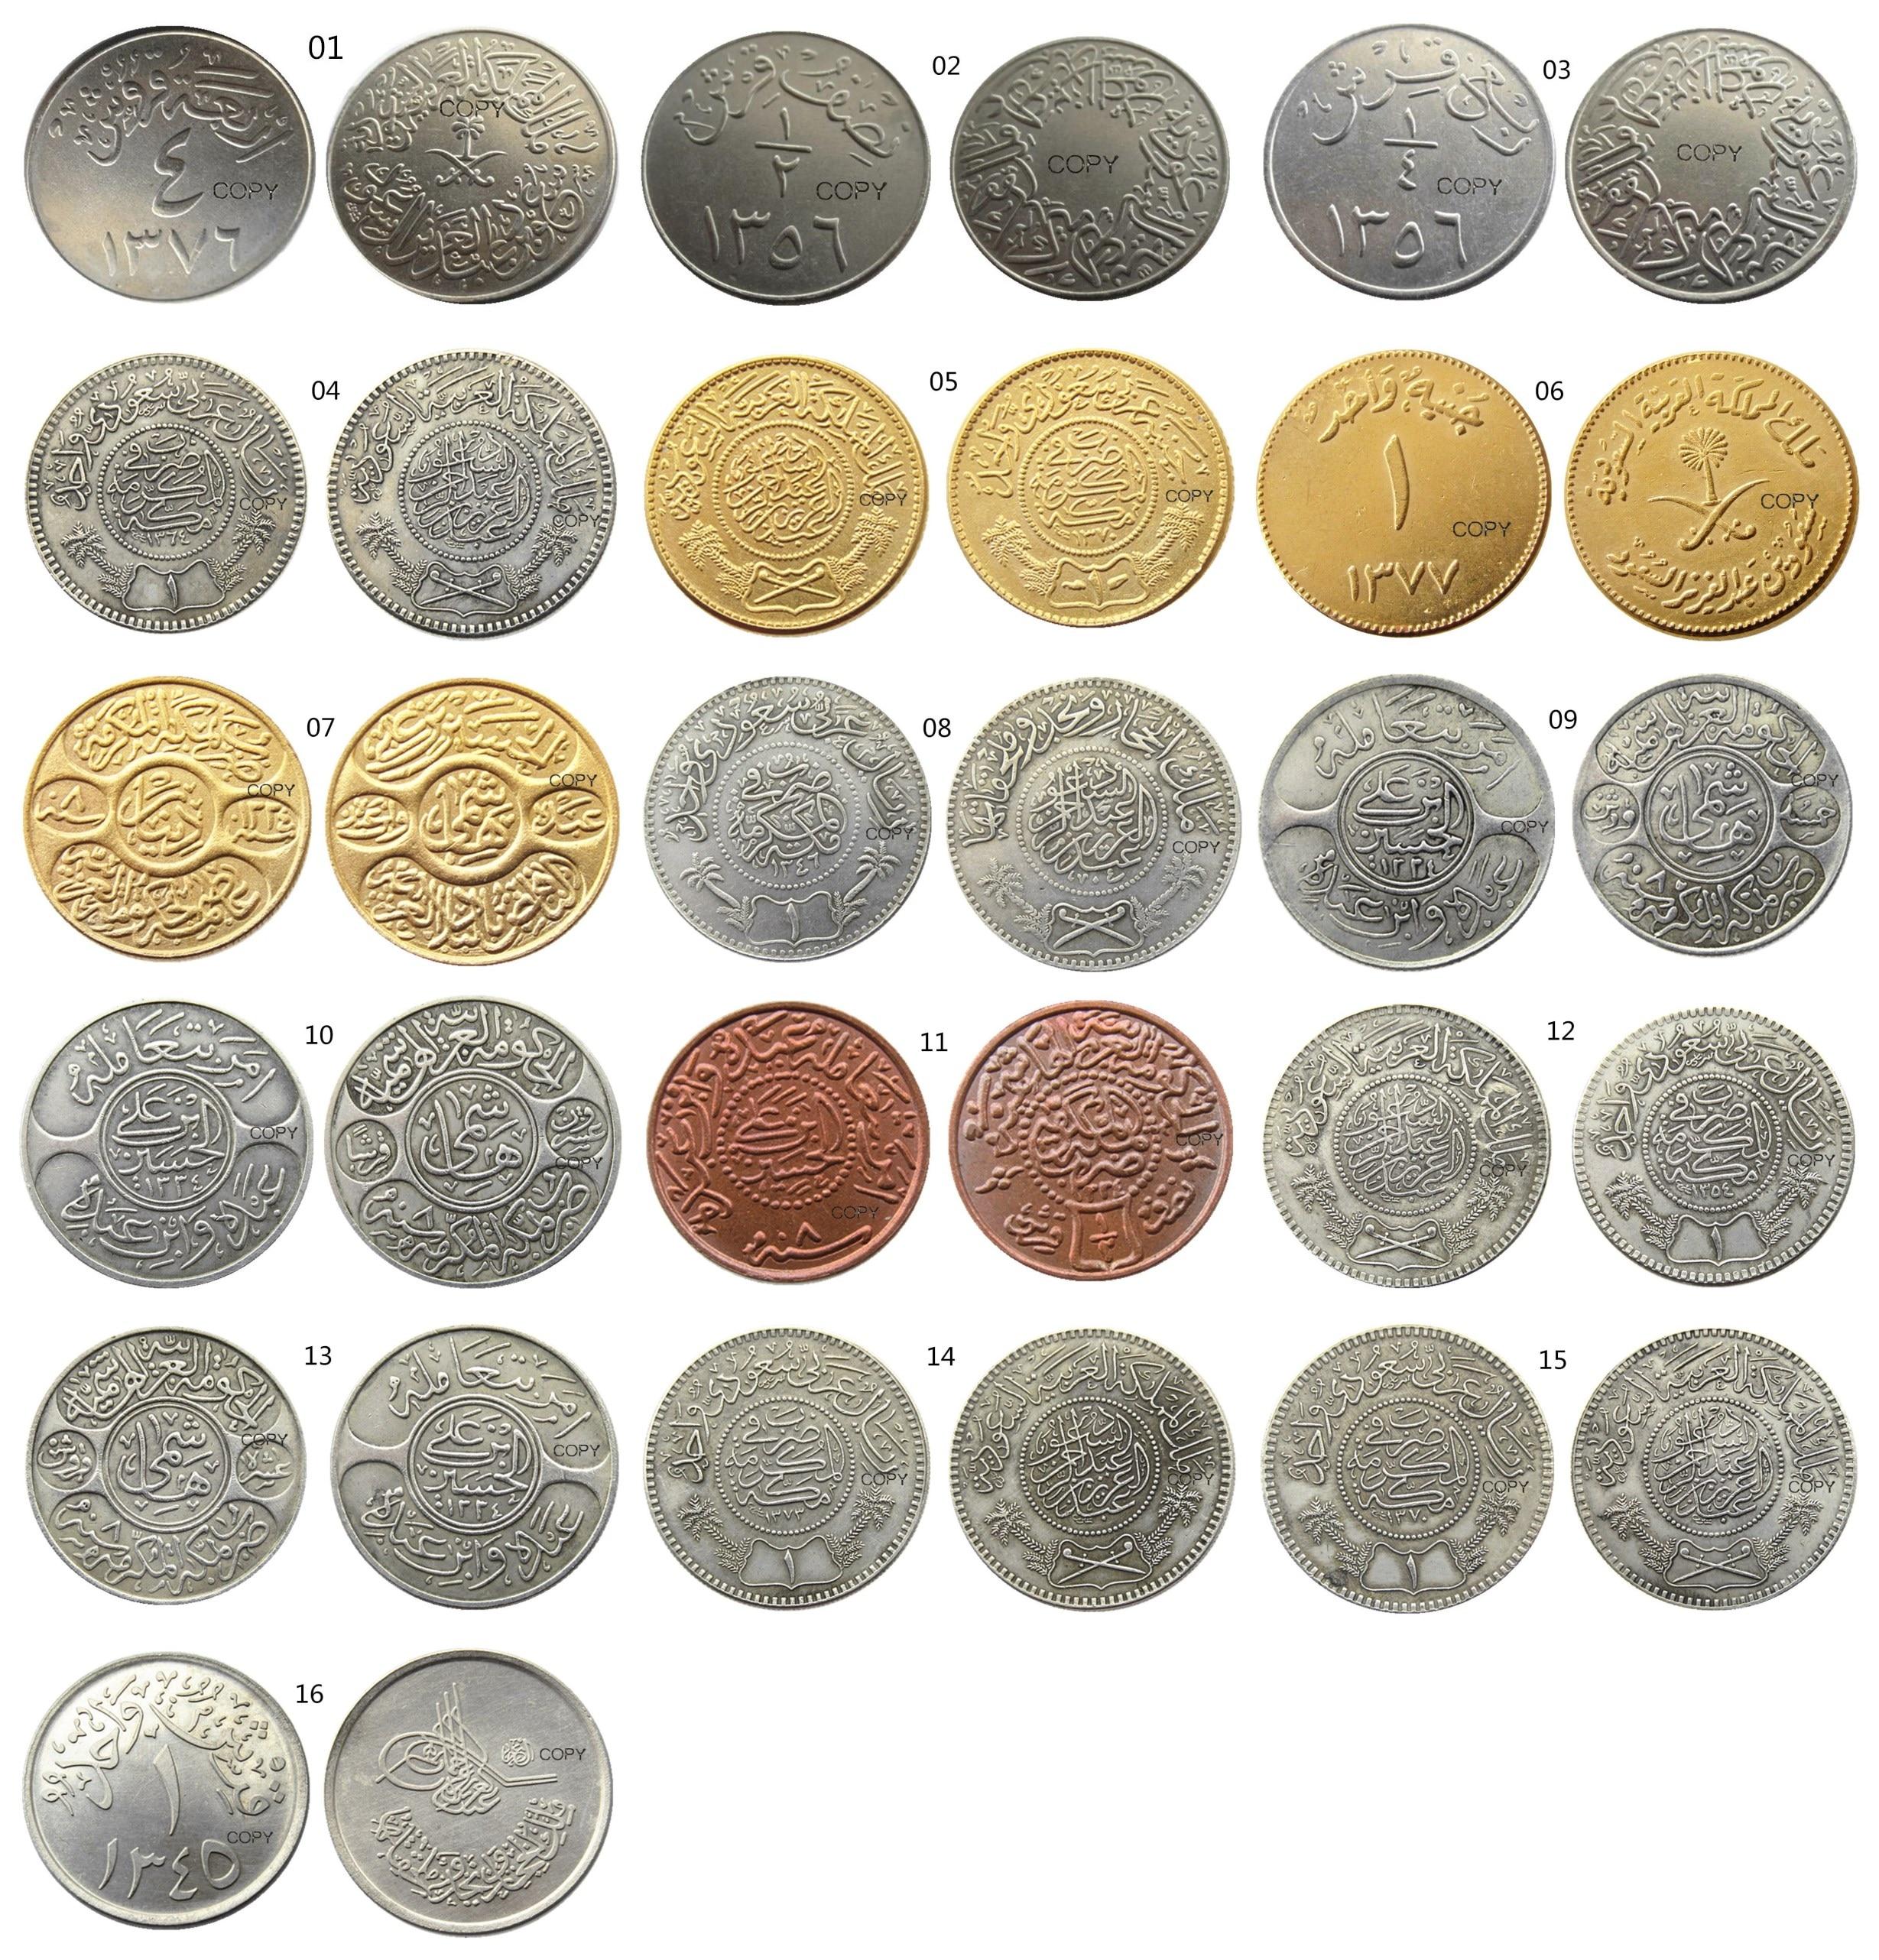 Монета из 16 предметов с серебряным/золотым покрытием, Саудовская Аравия